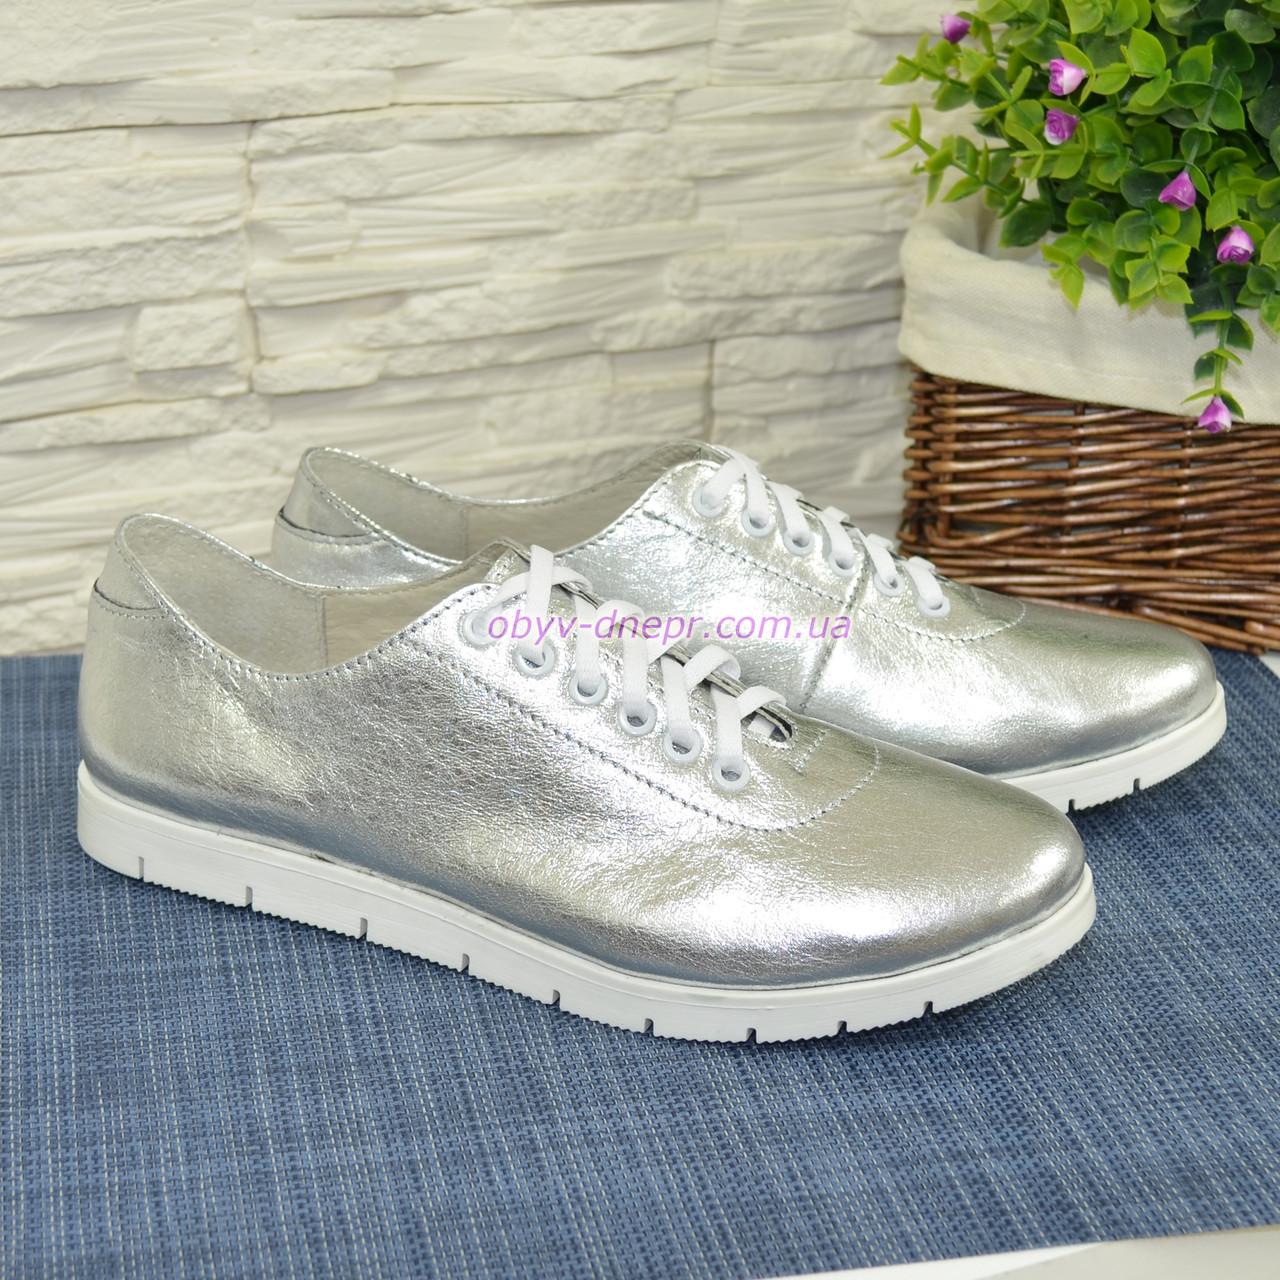 Женские туфли на утолщенной белой подошве, на шнуровке, натуральная кожа серебрянного цвета